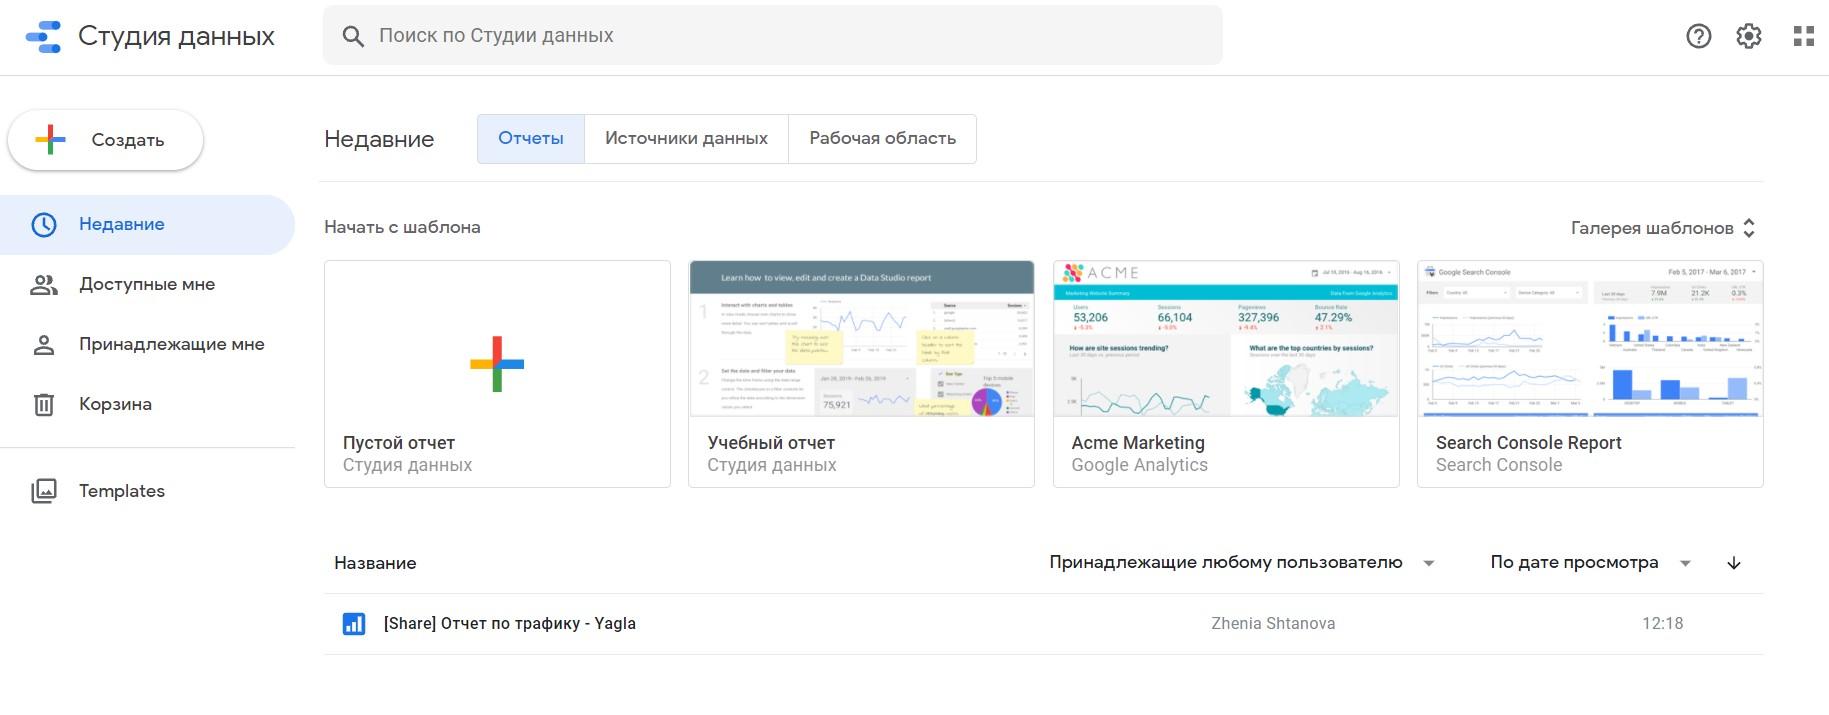 интерфейс Google Data Studio